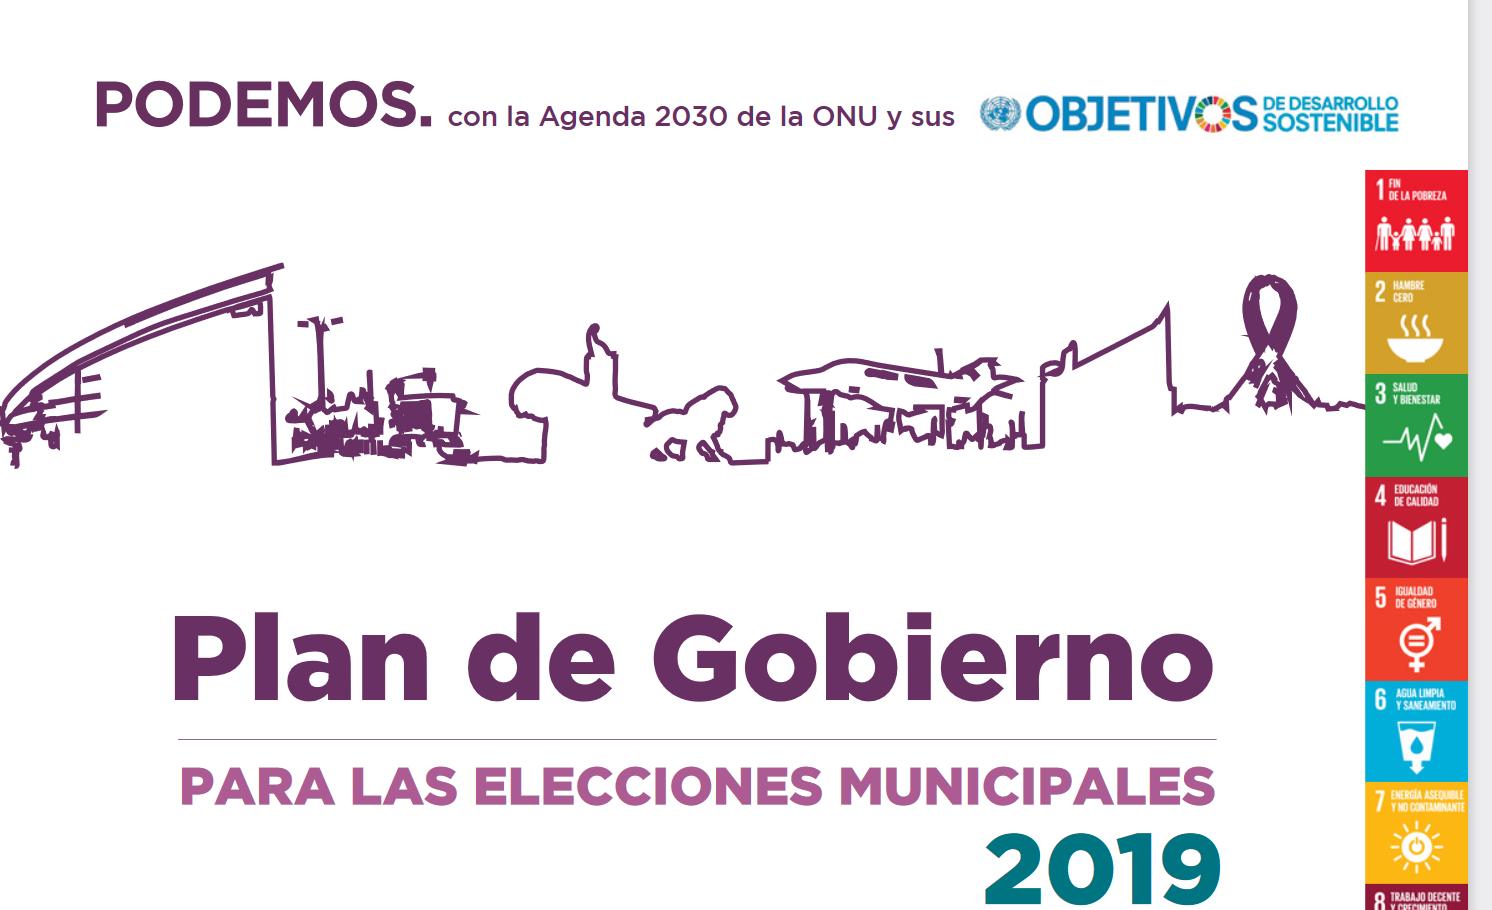 Plan de Gobierno para las elecciones municipales de 2019